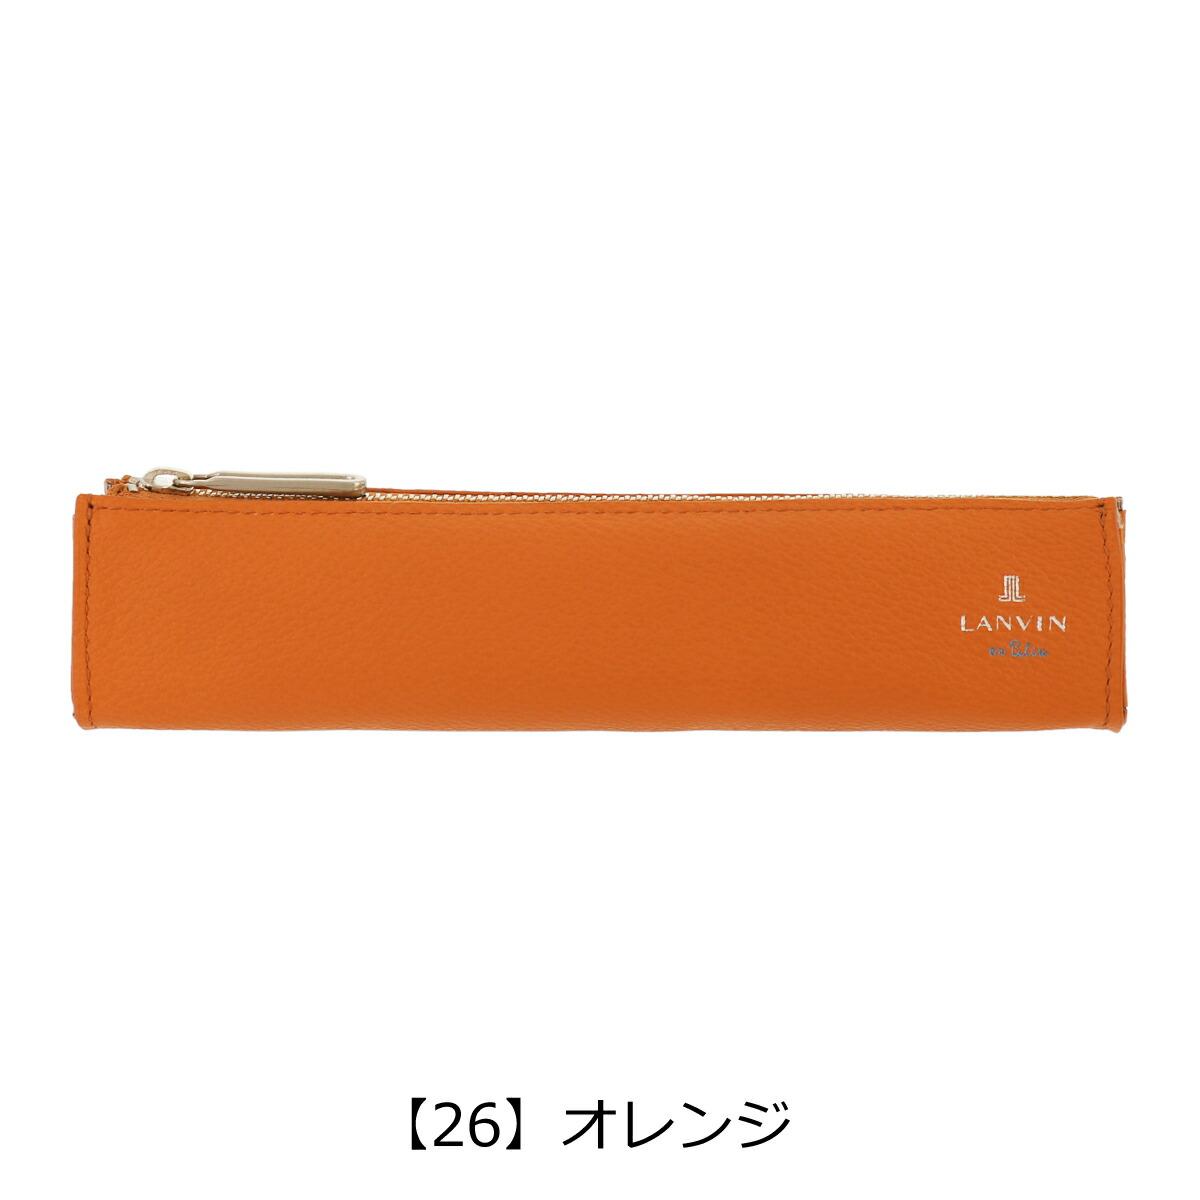 【26】オレンジ